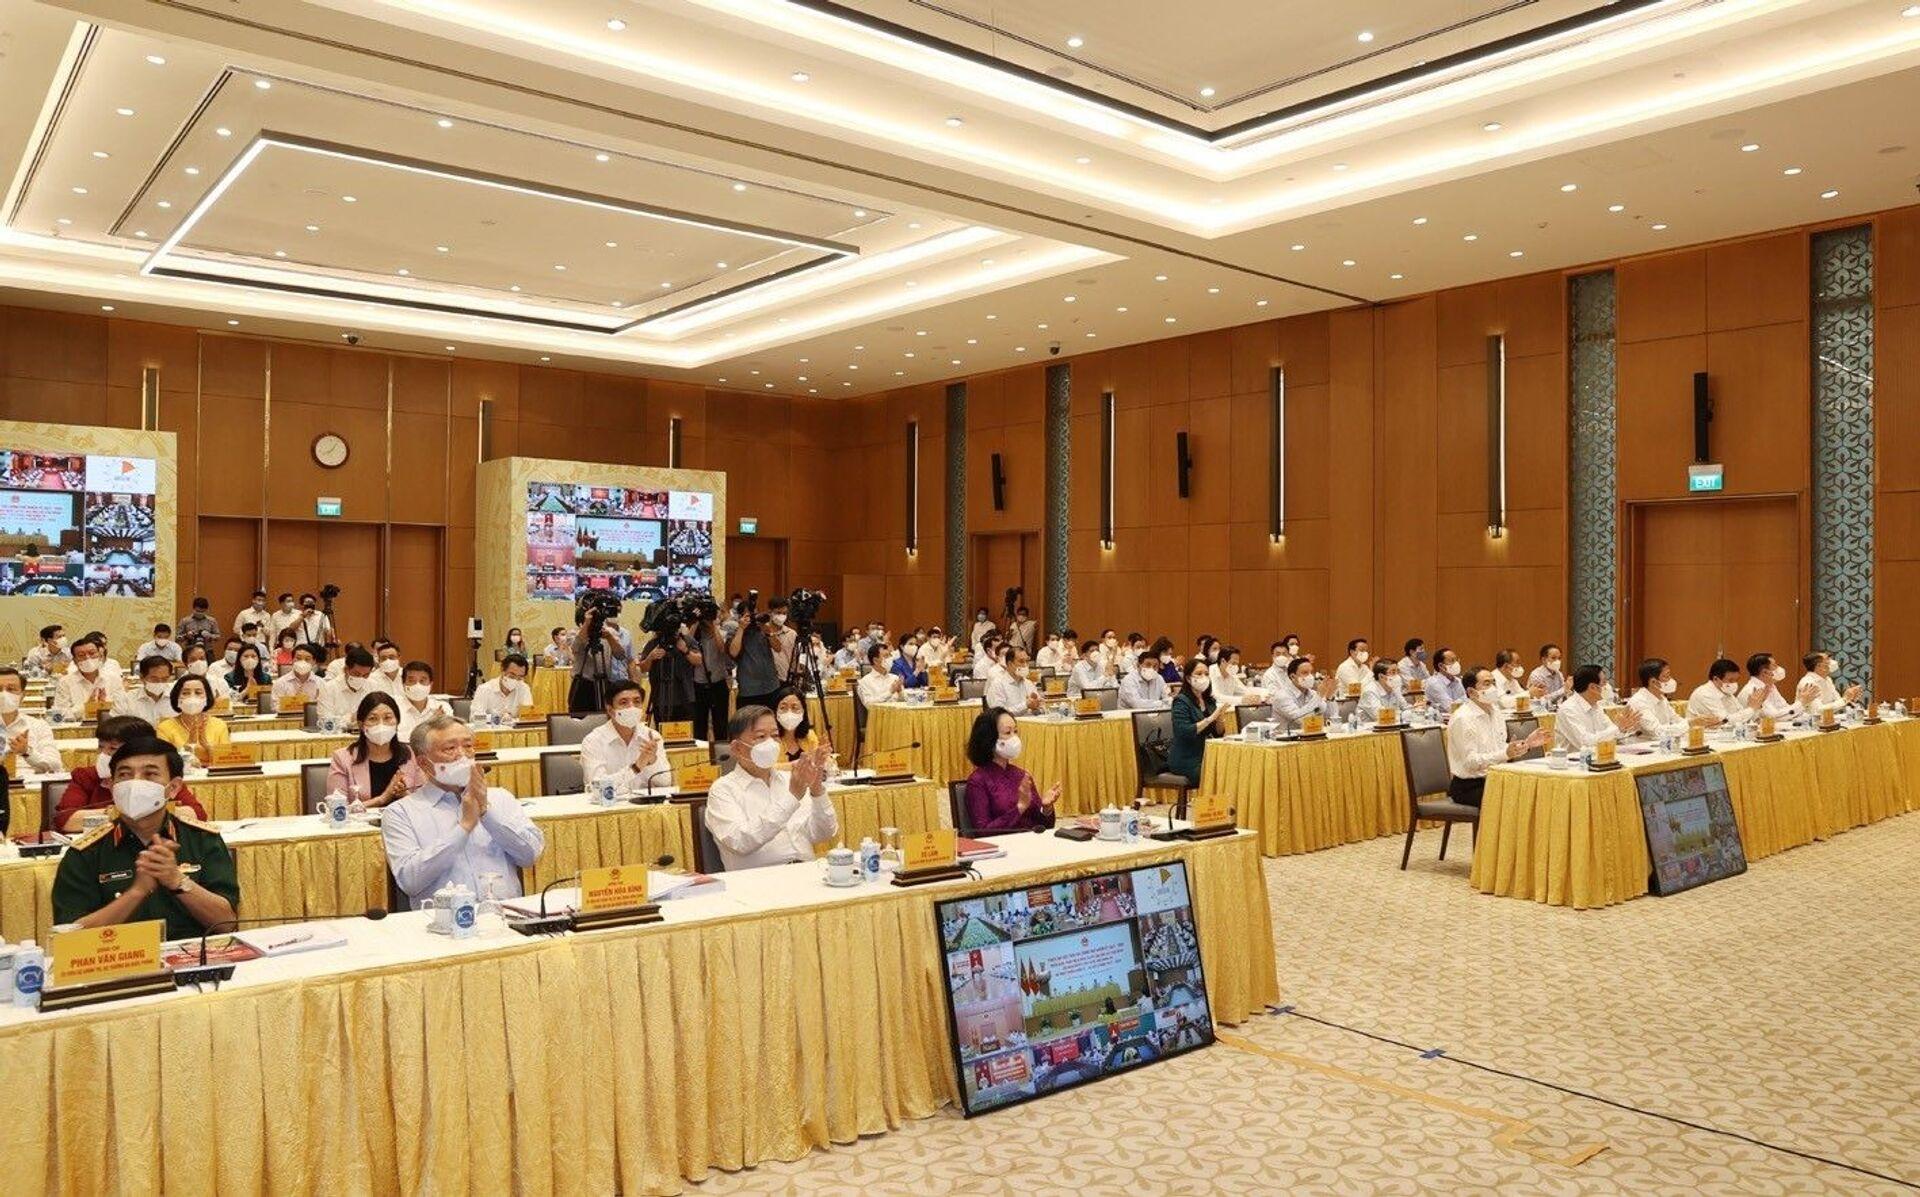 Các đồng chí lãnh đạo Đảng, Nhà nước và các đại biểu dự phiên họp đầu tiên của Chính phủ nhiệm kỳ 2021- 2026 với các địa phương được tổ chức theo hình thức trực tuyến - Sputnik Việt Nam, 1920, 05.10.2021